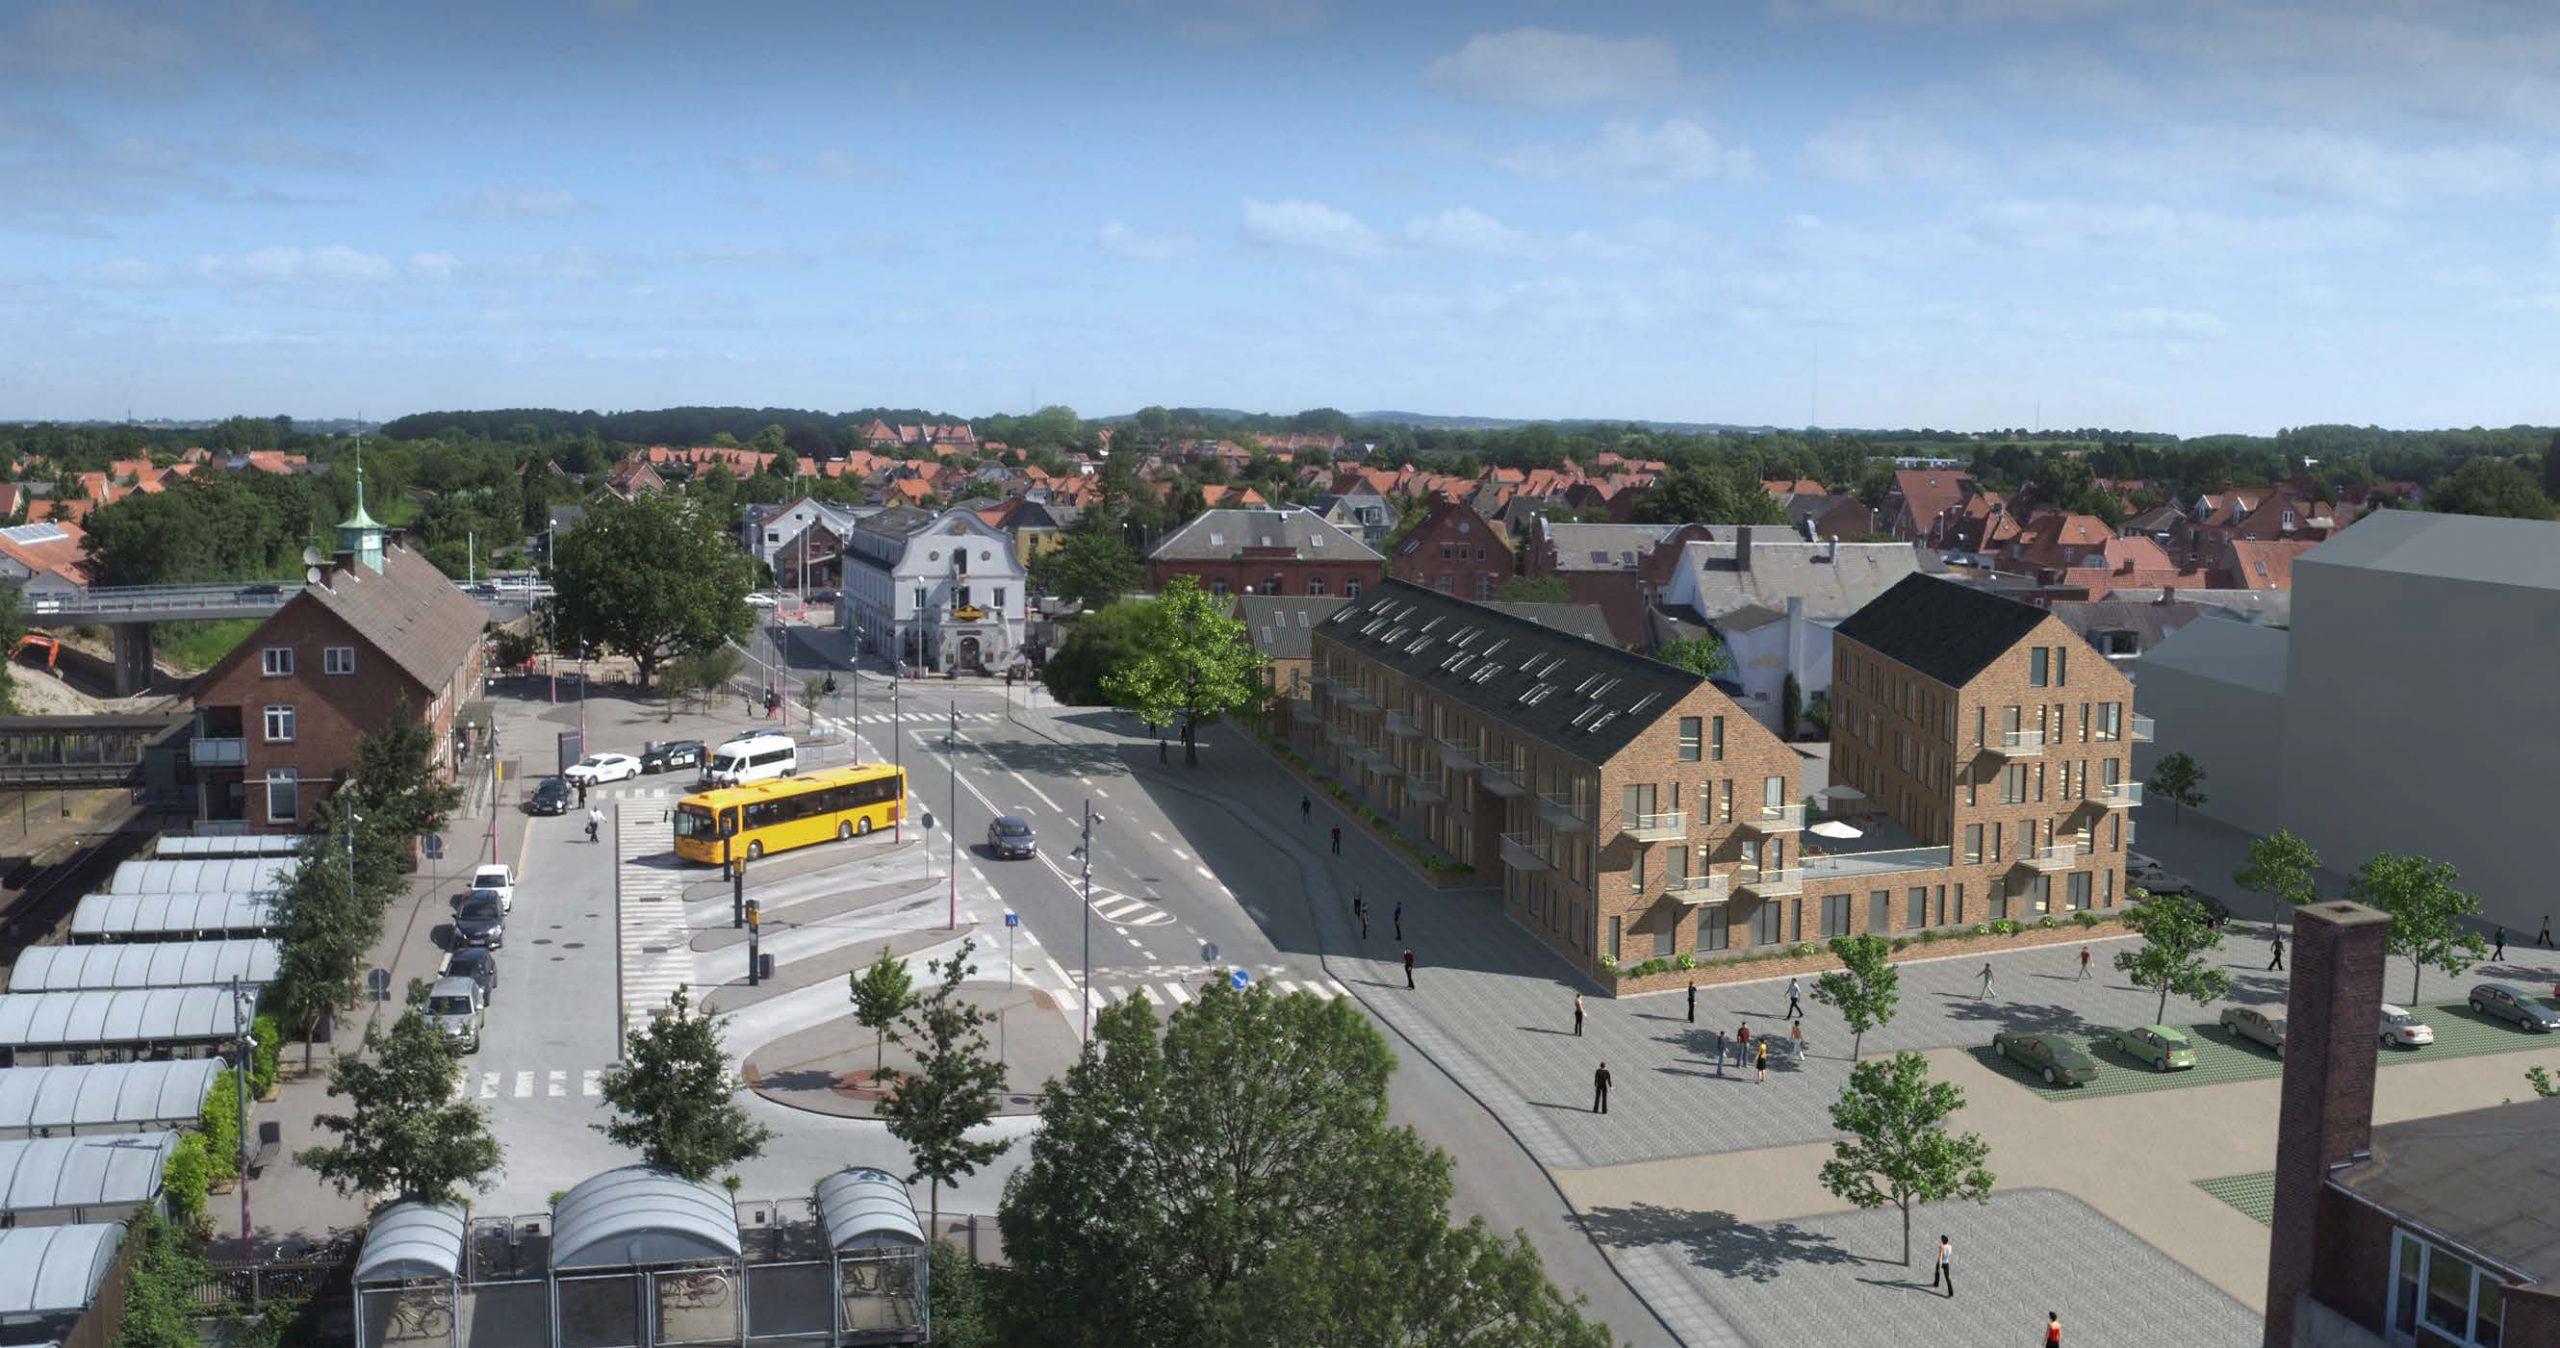 Projektet, Stationstorvet Vordingborg, omhandler teknisk rådgivning af energi, indeklima og tekniske installationer til nybyg af 4.100 kvm alment boligbyggeri.